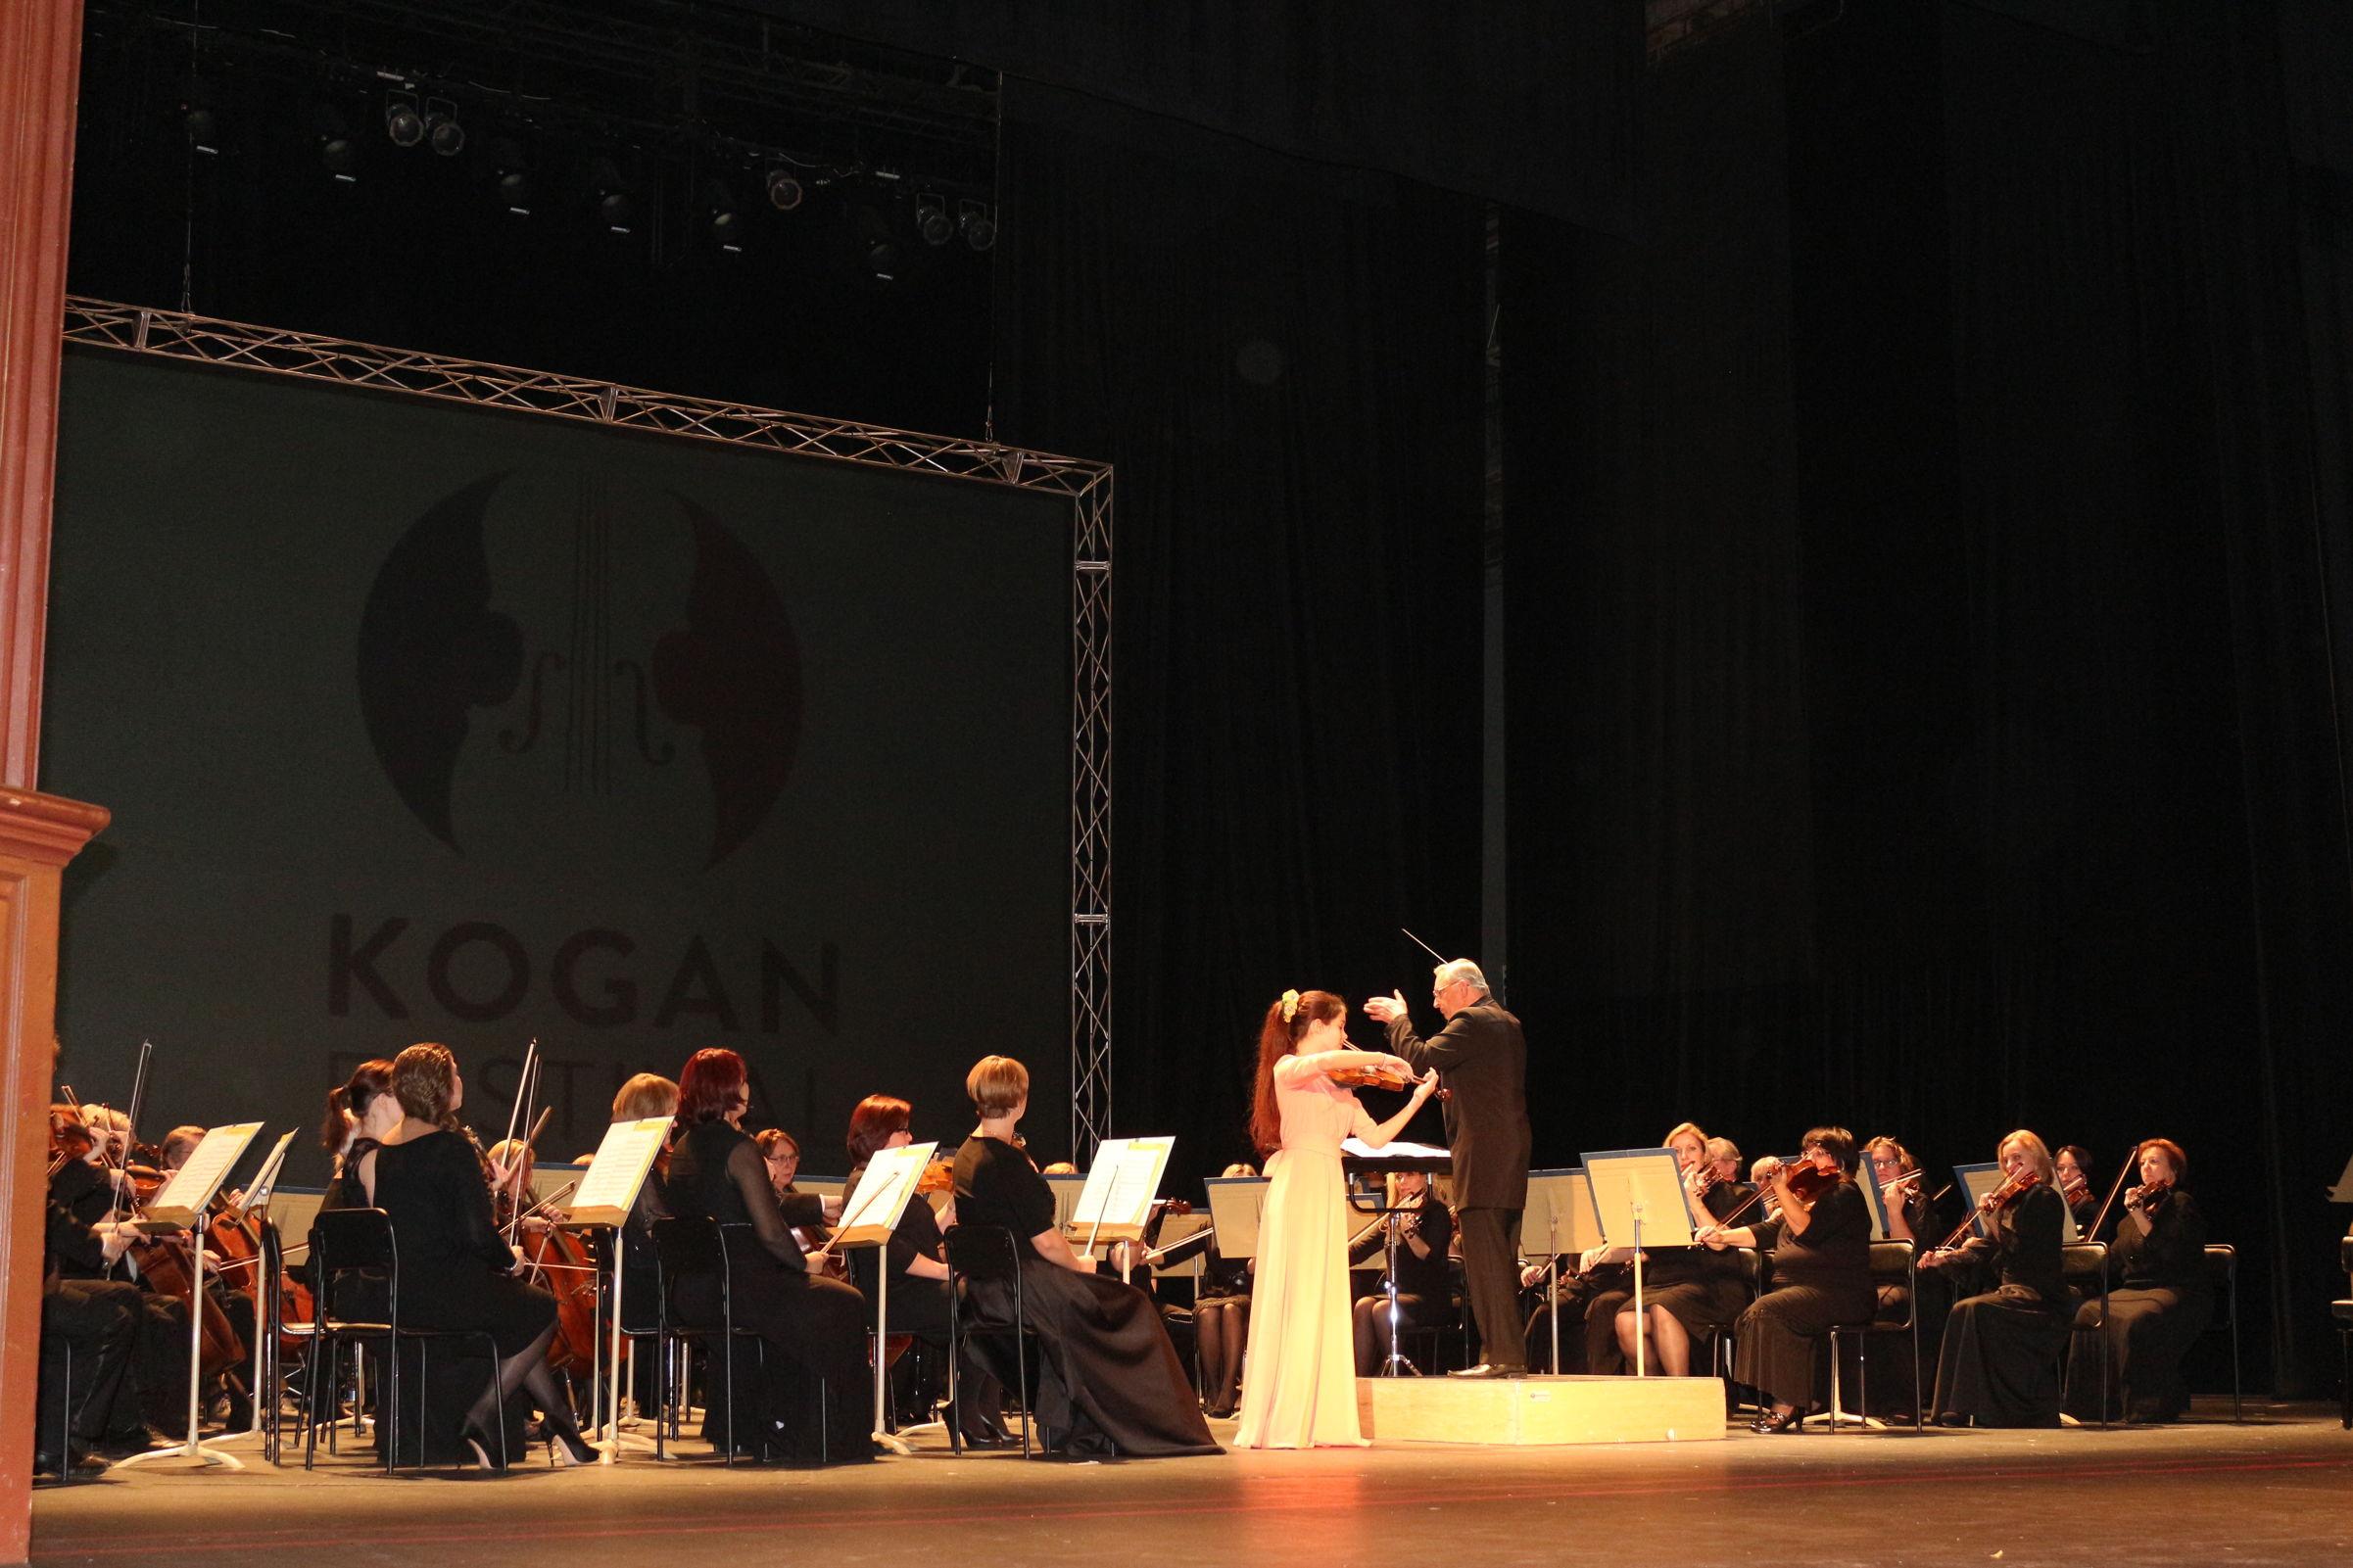 Концерты «Коган-фестиваля» проходят в онлайн-формате